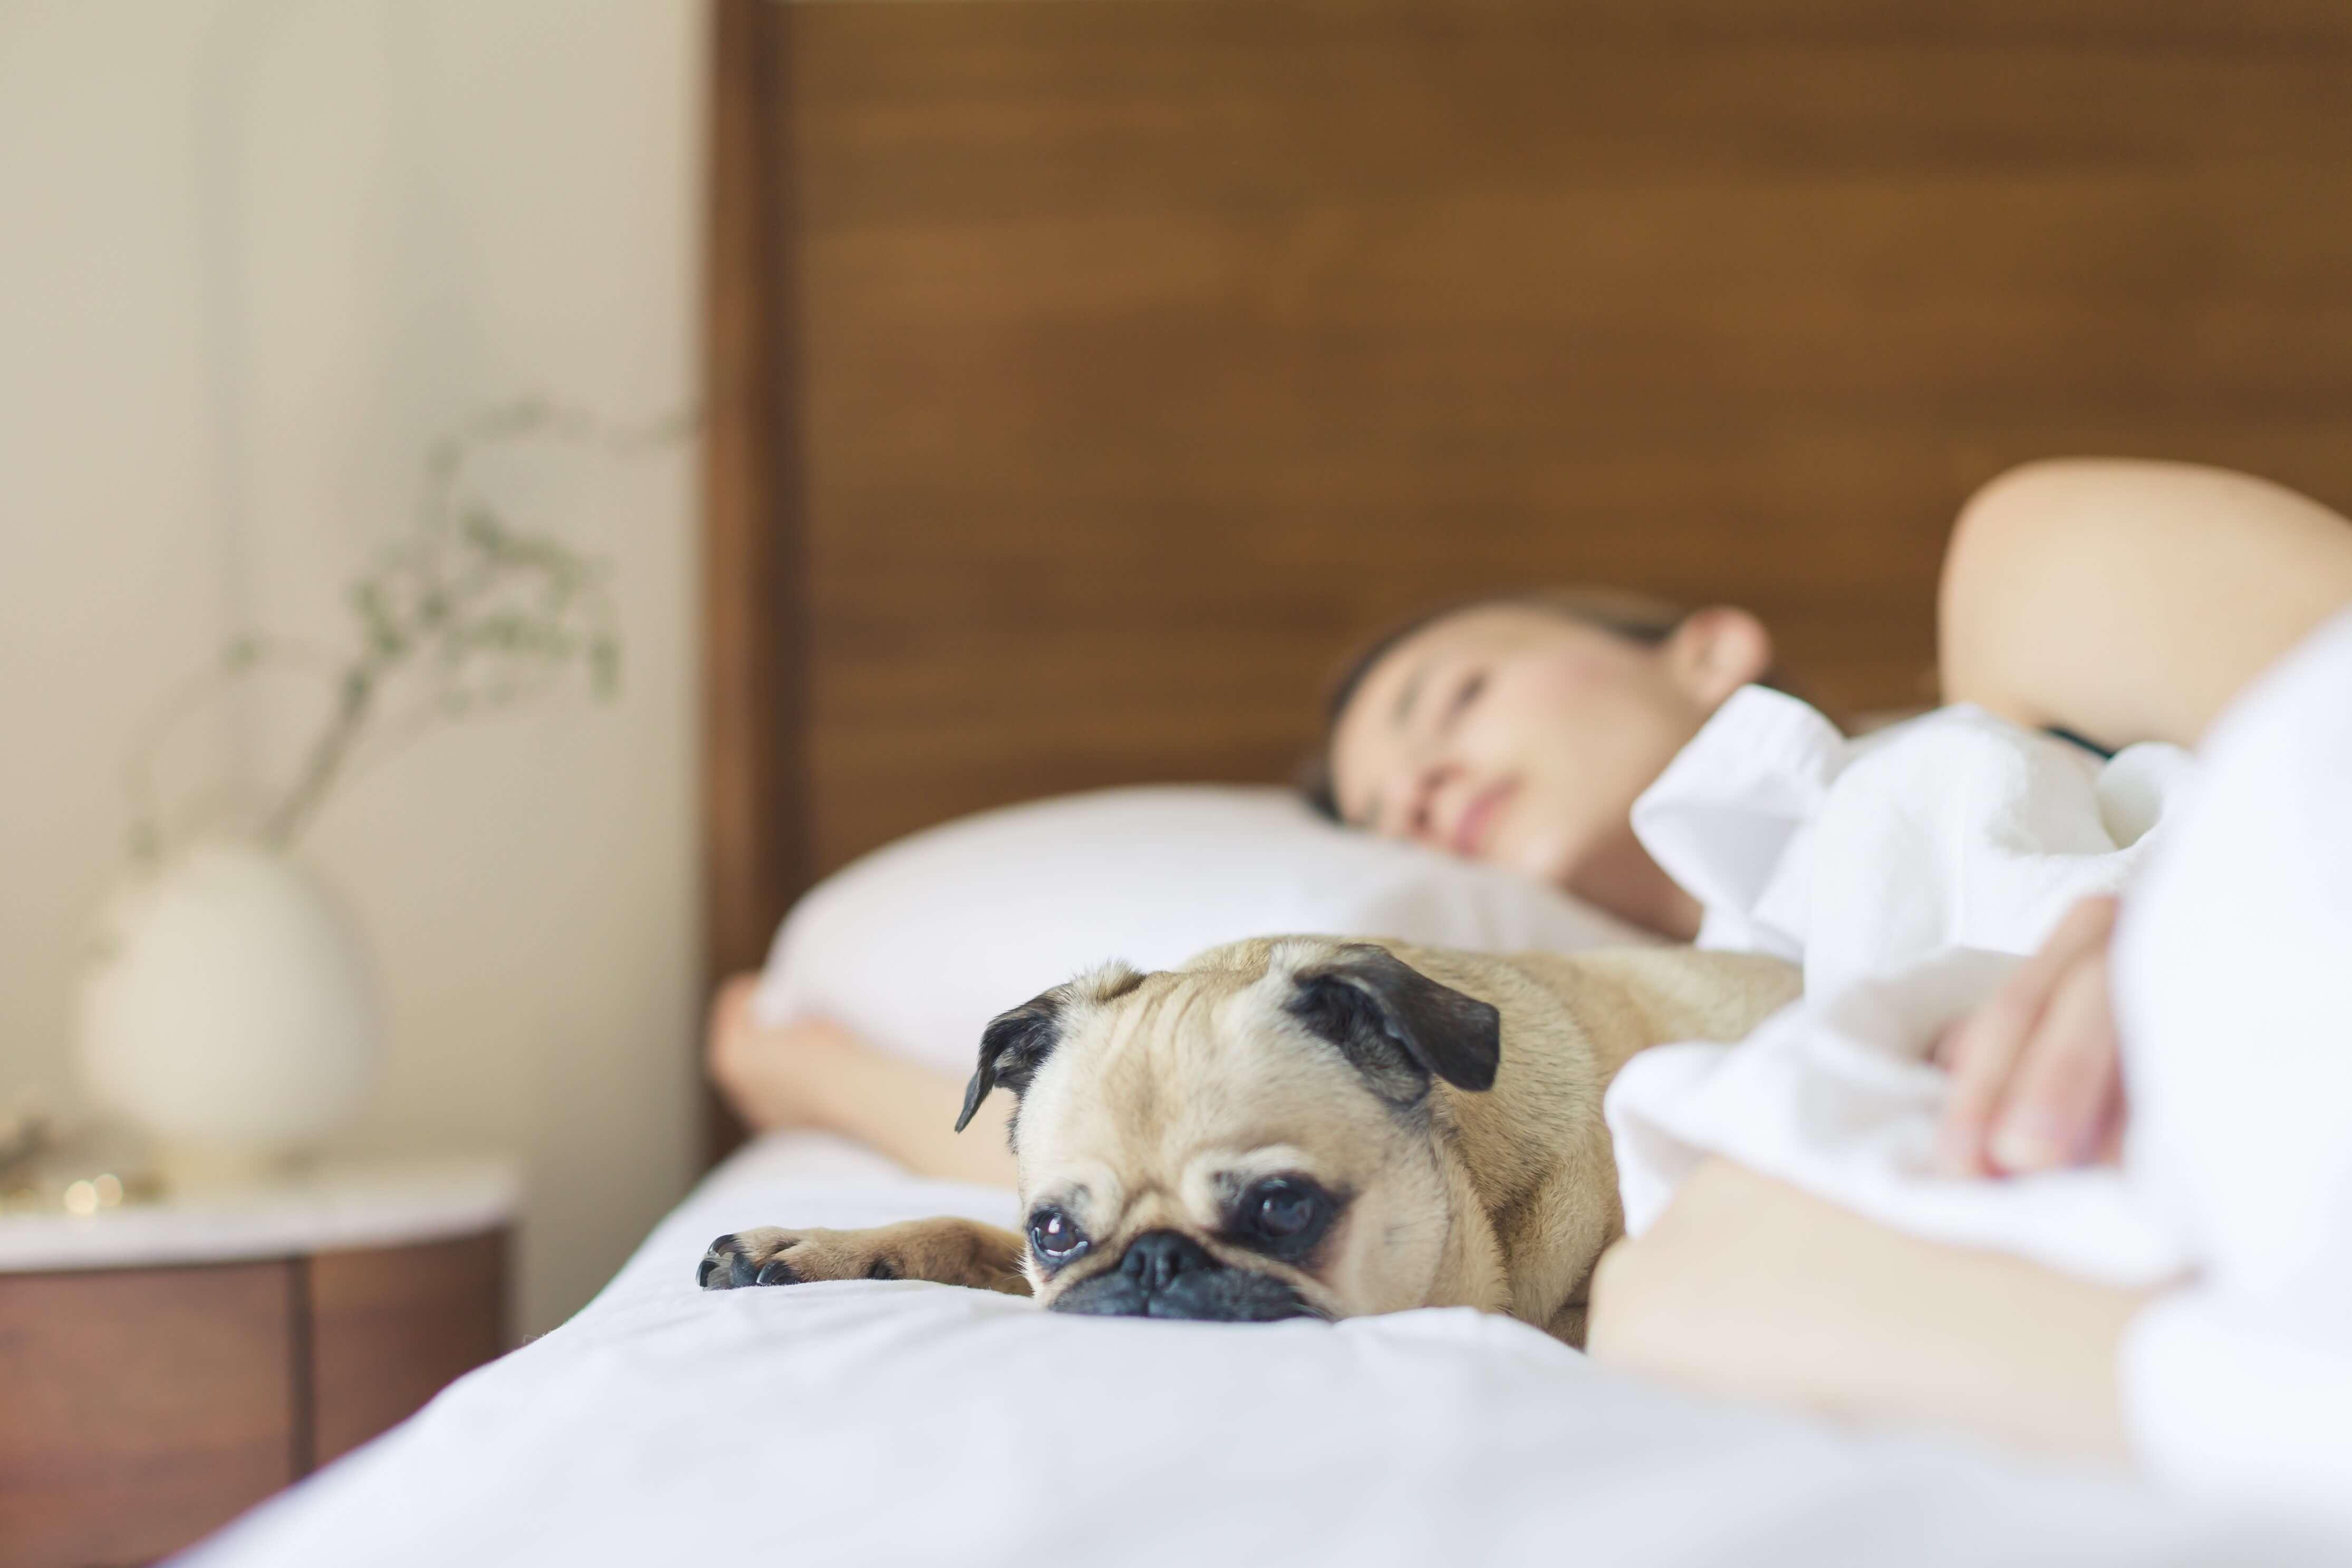 年紀較大或特定犬種容易在秋冬季節出現咳嗽、打噴嚏、流鼻水等症狀